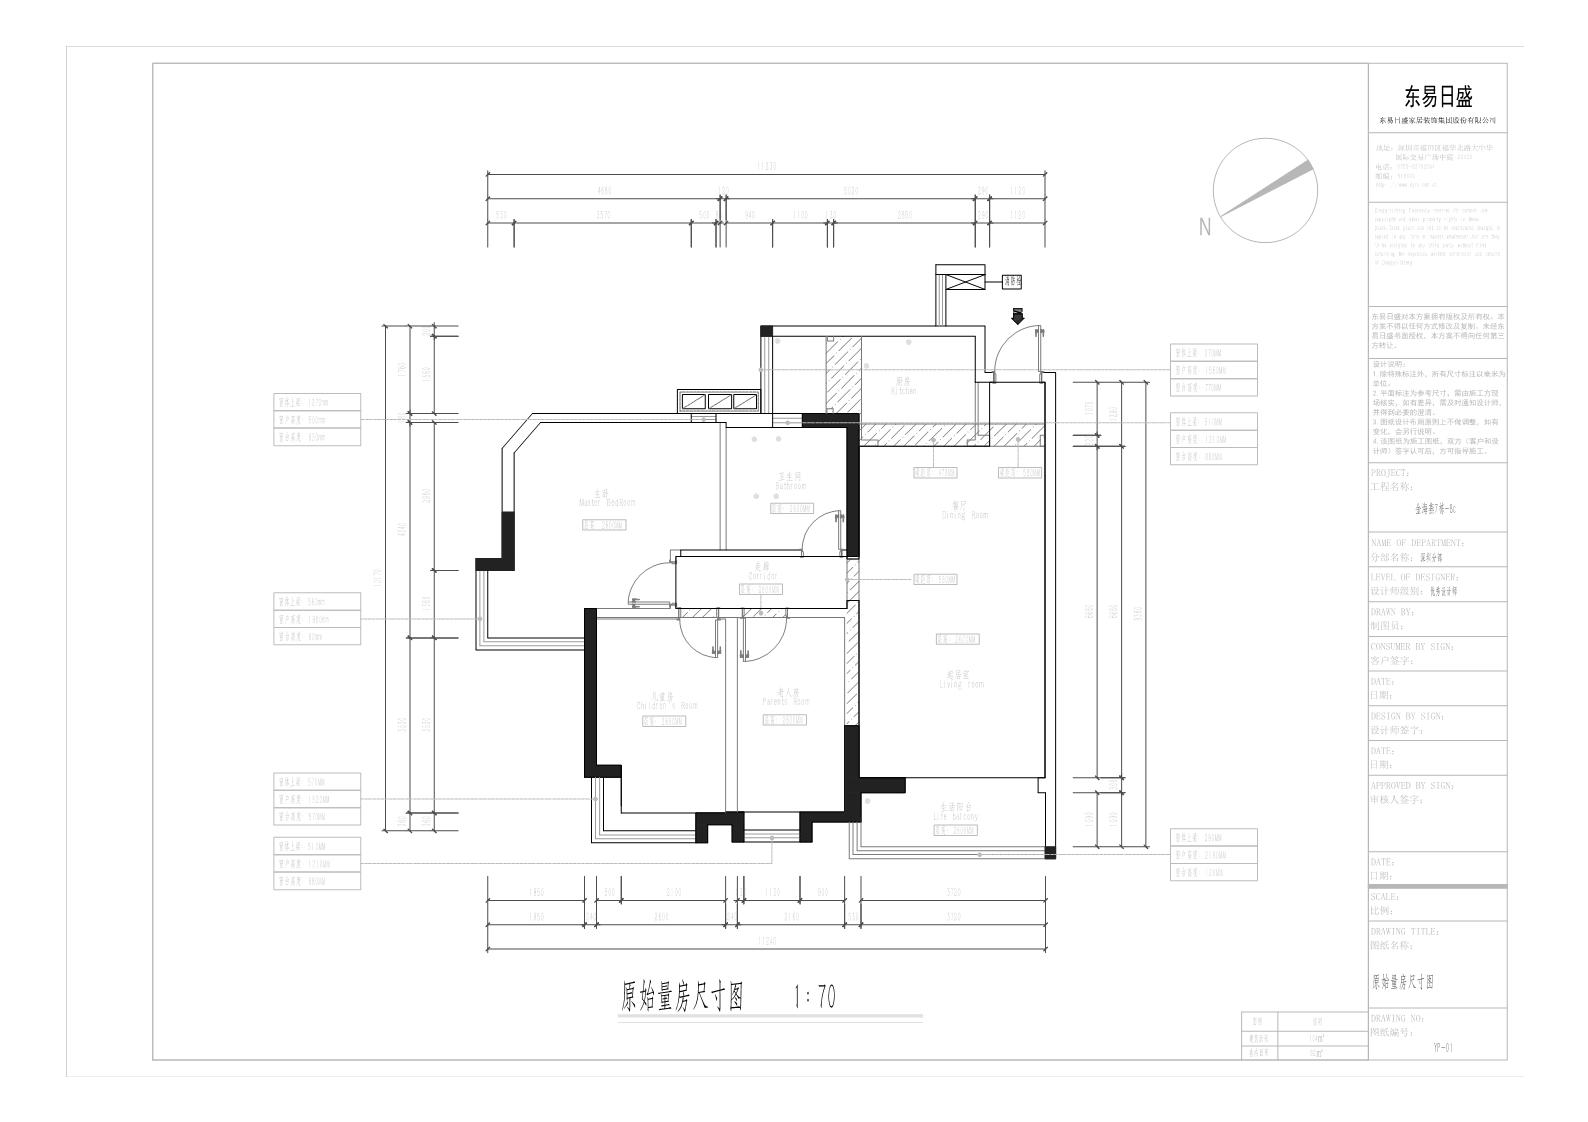 金海燕花园+104平米装修+法式风格装修案例装修设计理念